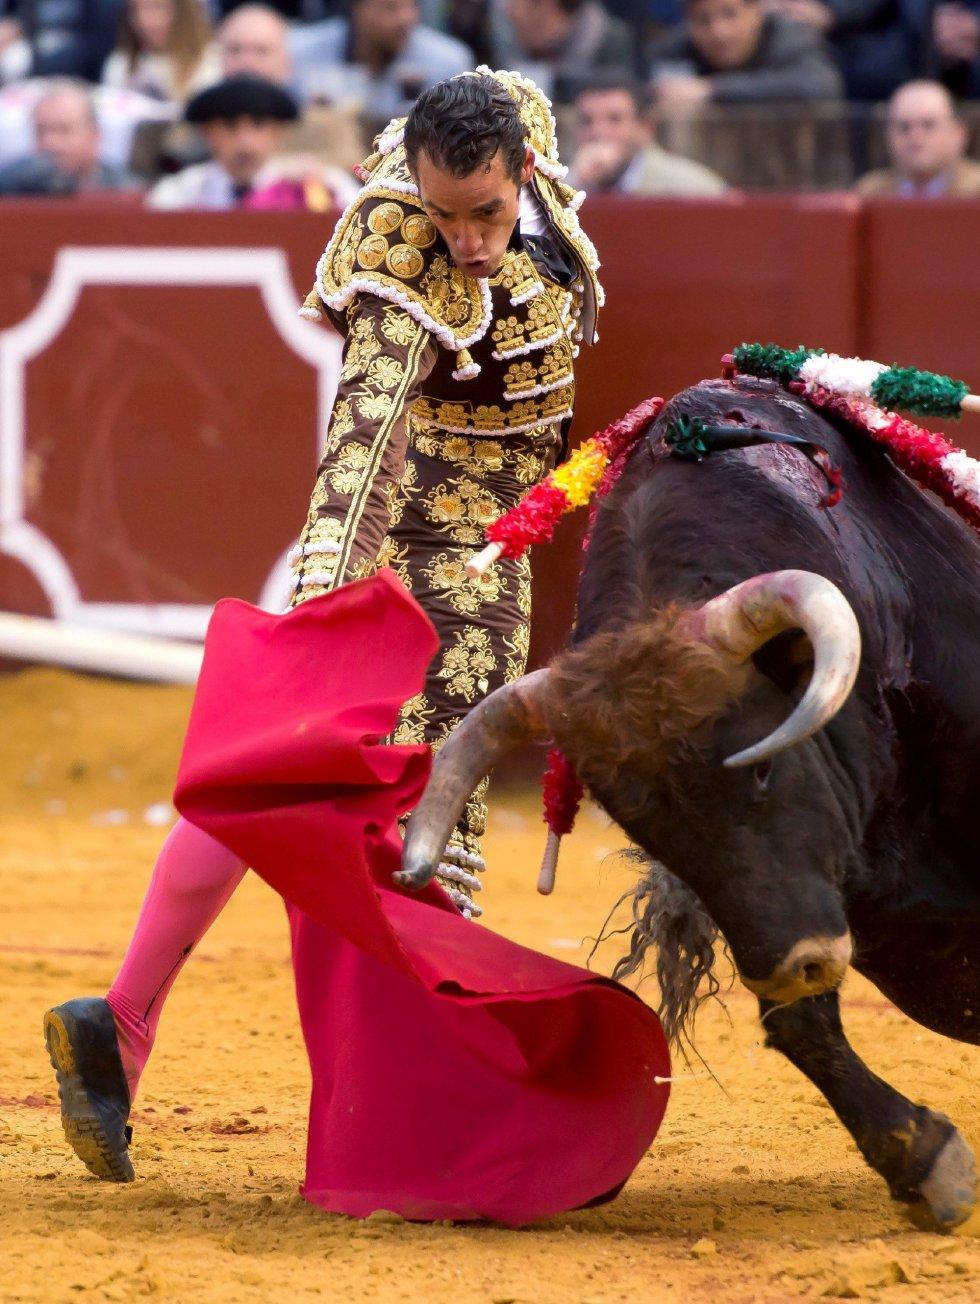 GRAF9327. SEVILLA, 08/04/2018.- El diestro Pepe Moral da un pase con la muleta al segundo de su lote, durante la segunda corrida de abono de la Feria de Abril celebrada esta tarde en la plaza de toros de la Maestranza, en Sevilla. EFE/Raúl Caro